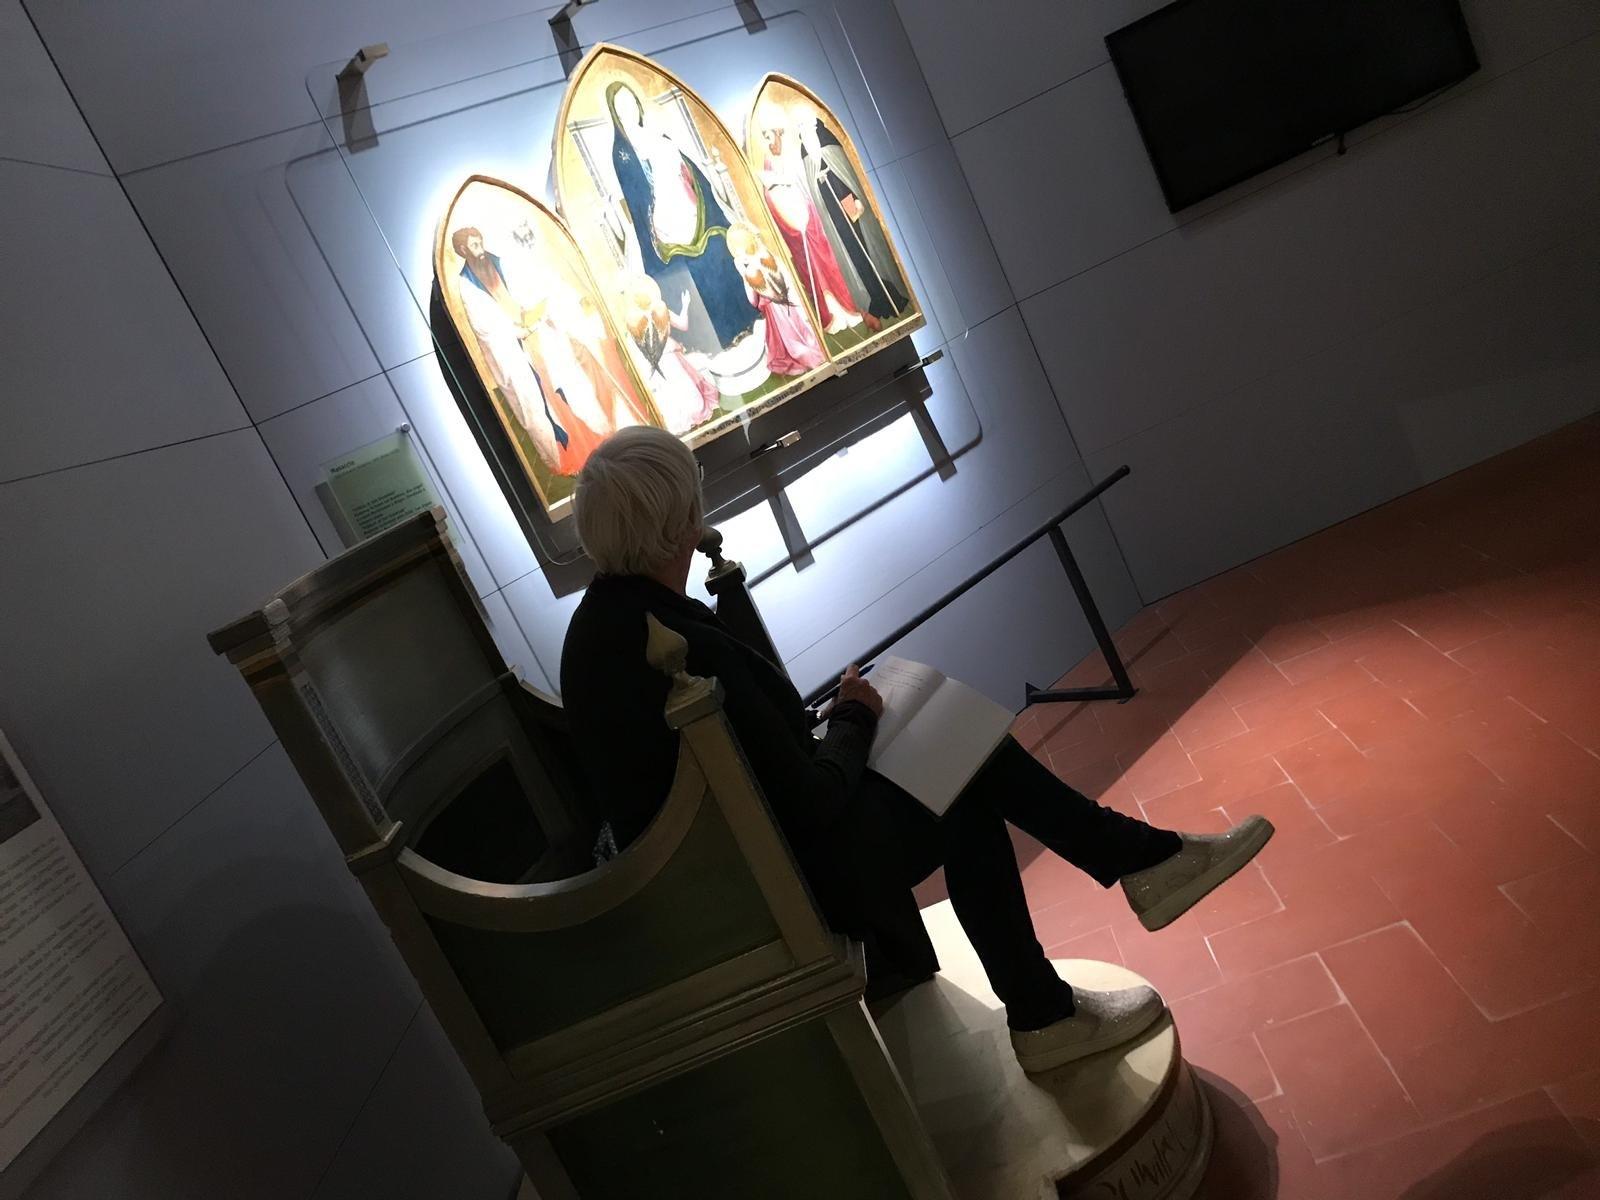 Dipingereaparole2-20191011-090840